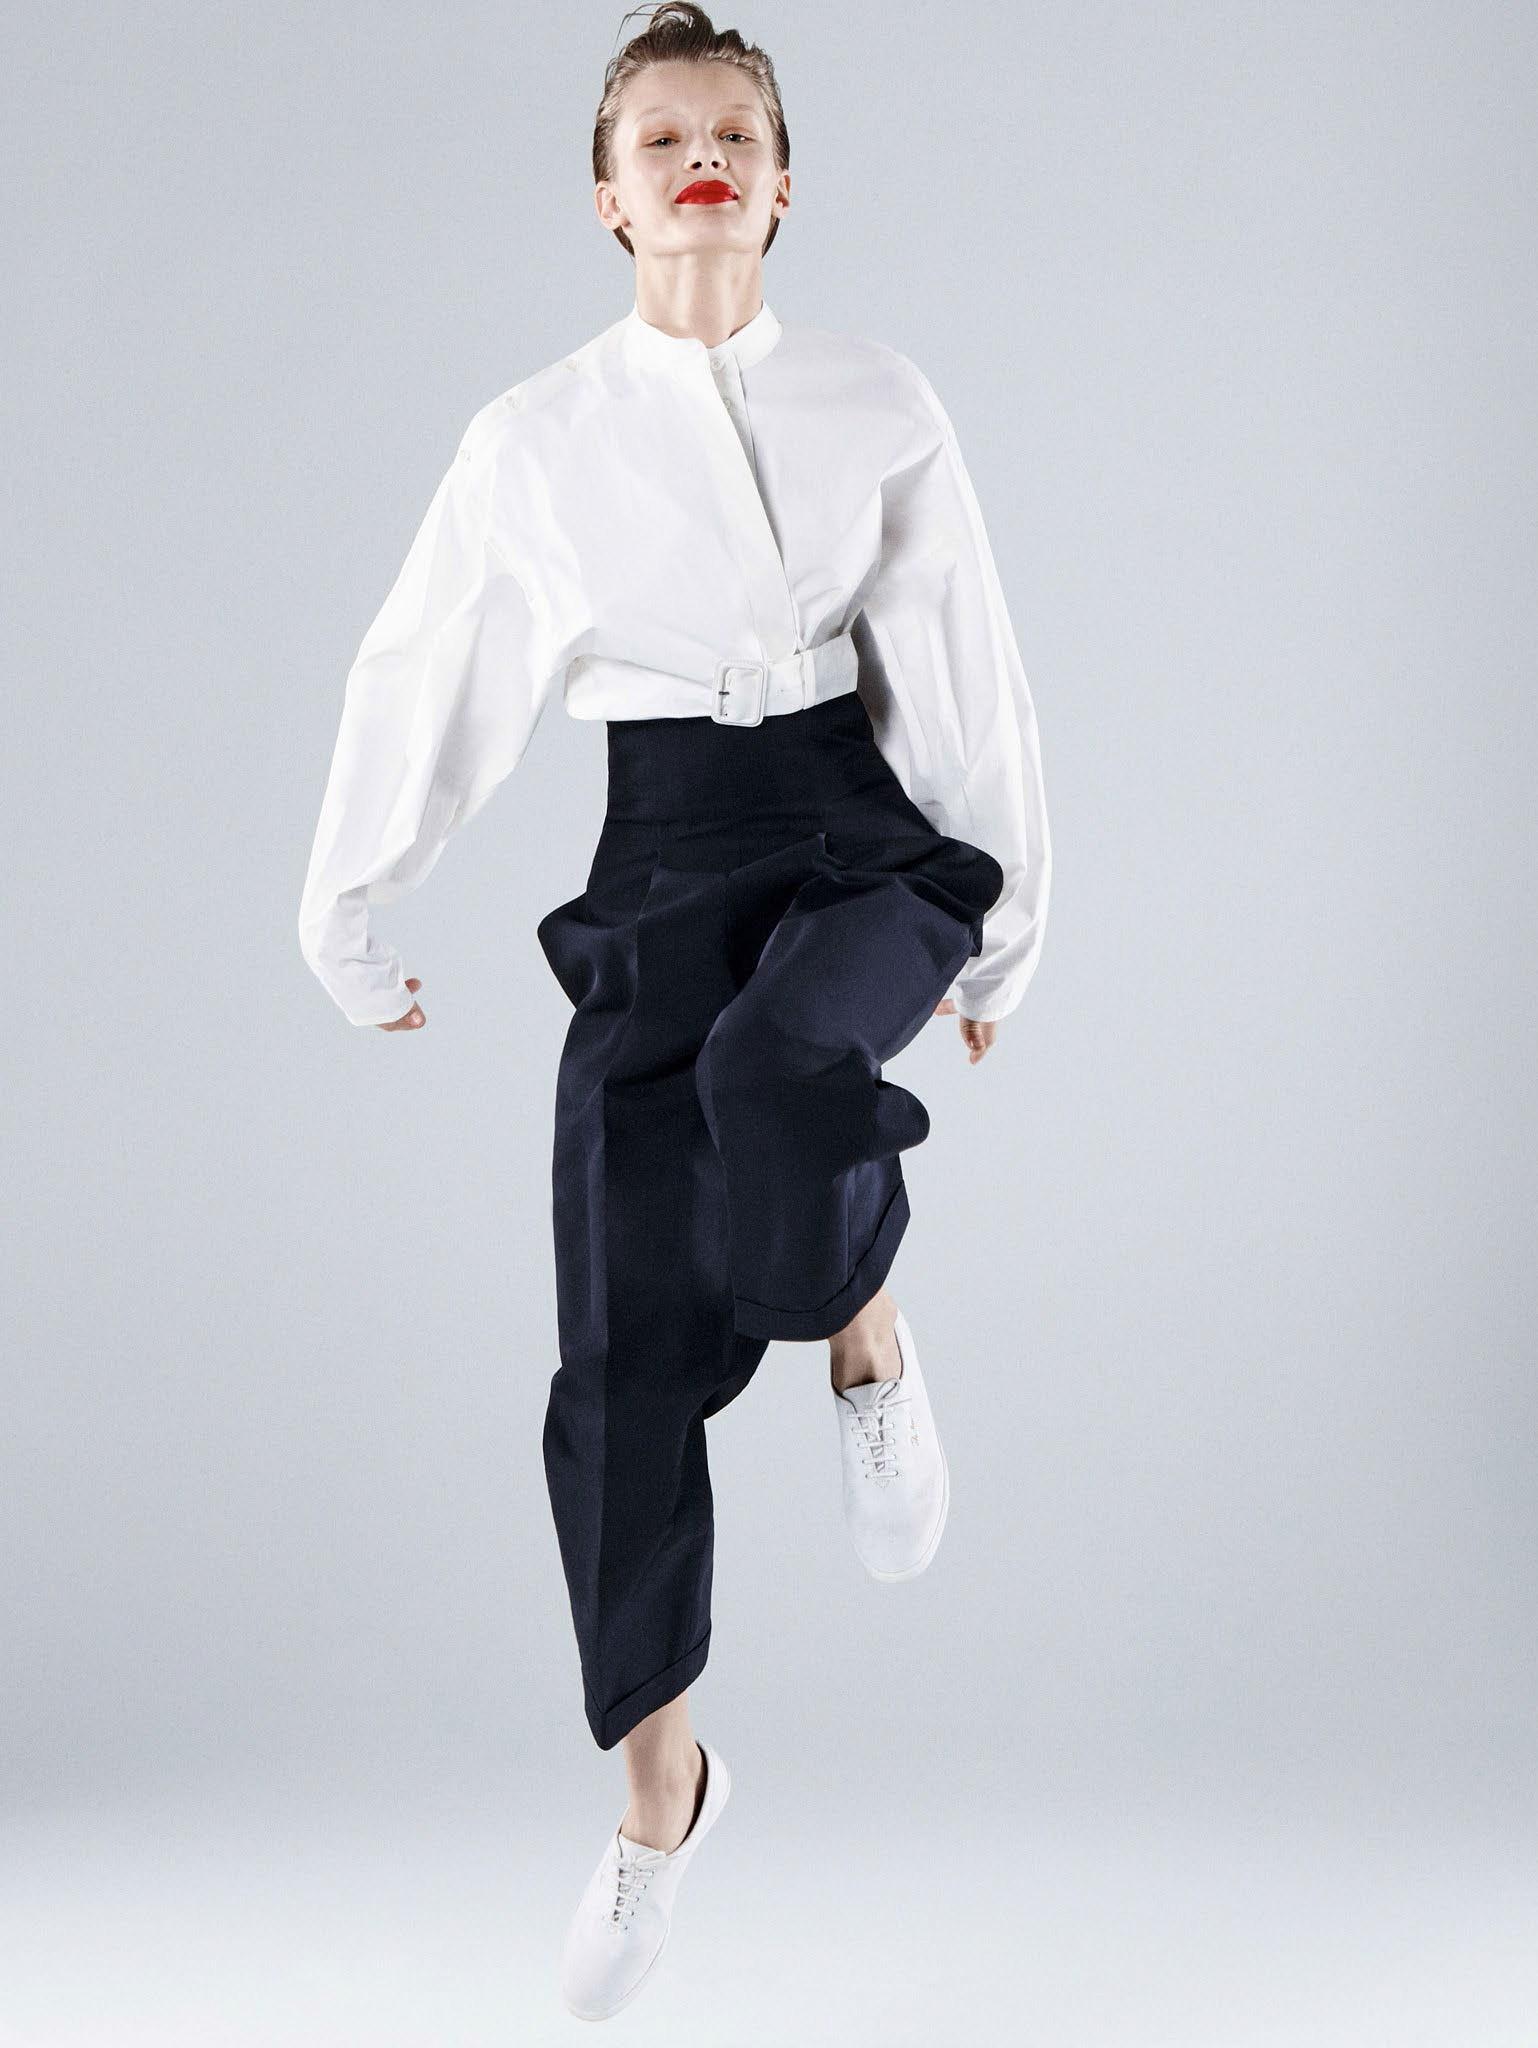 Кристина Грикайте в фотосъёмке Дэниела Джексона для китайского Vogue, май 2017 8